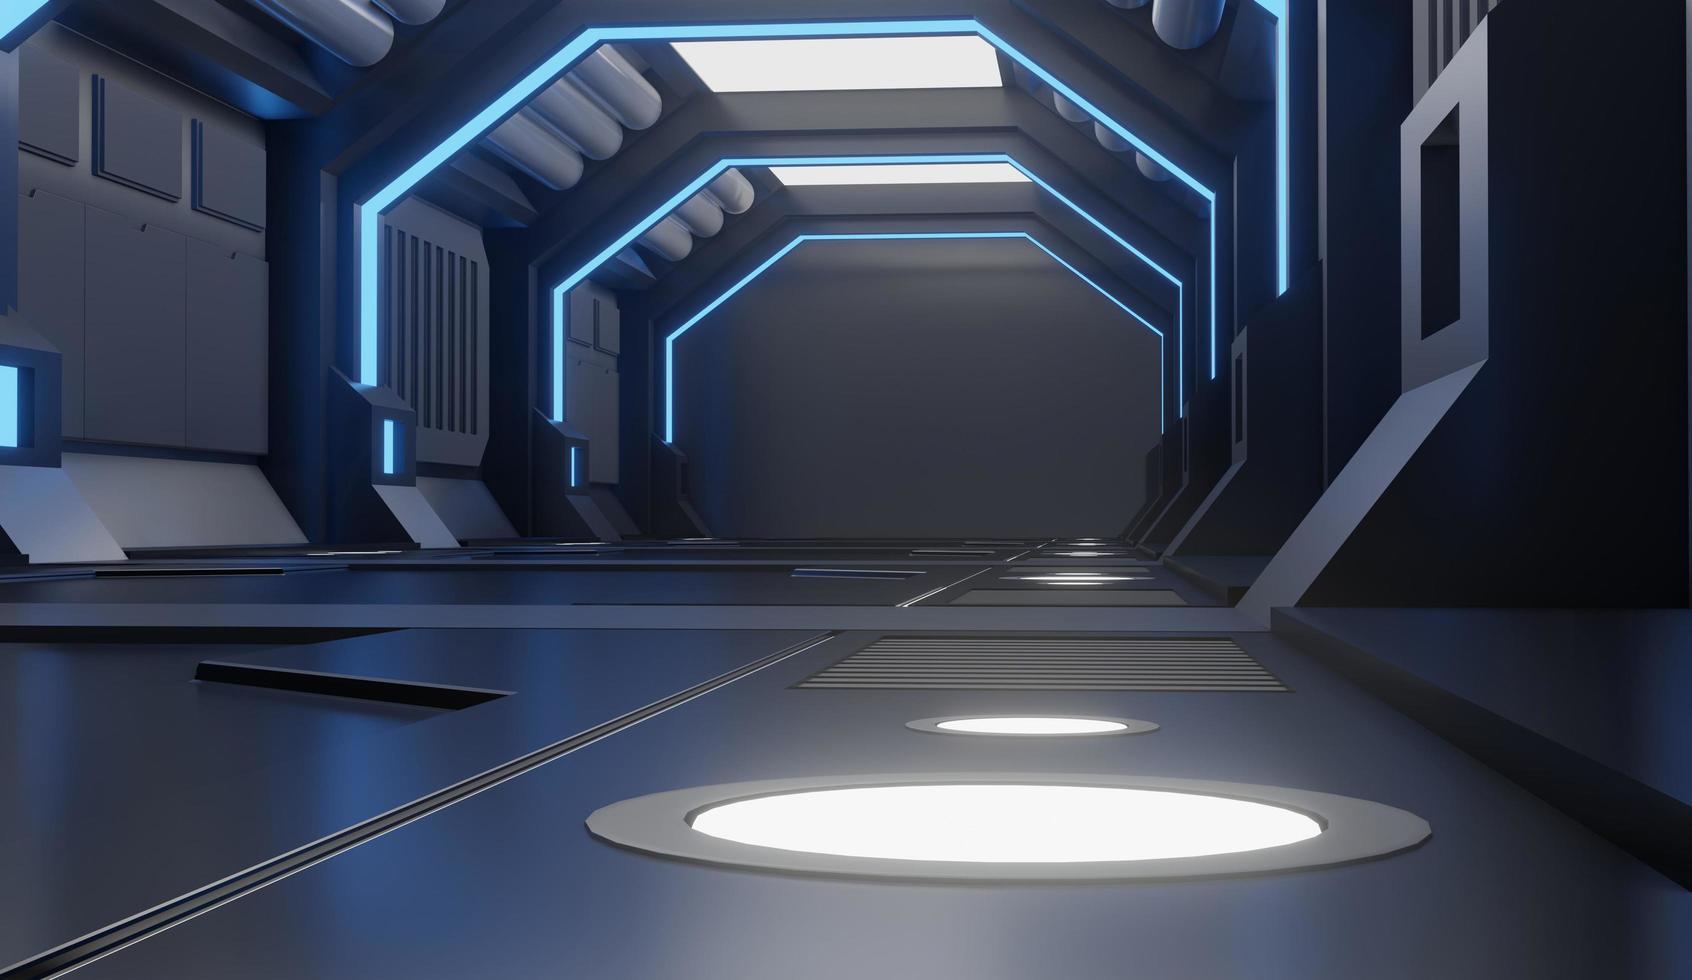 faible angle de vue de l'intérieur du vaisseau spatial photo